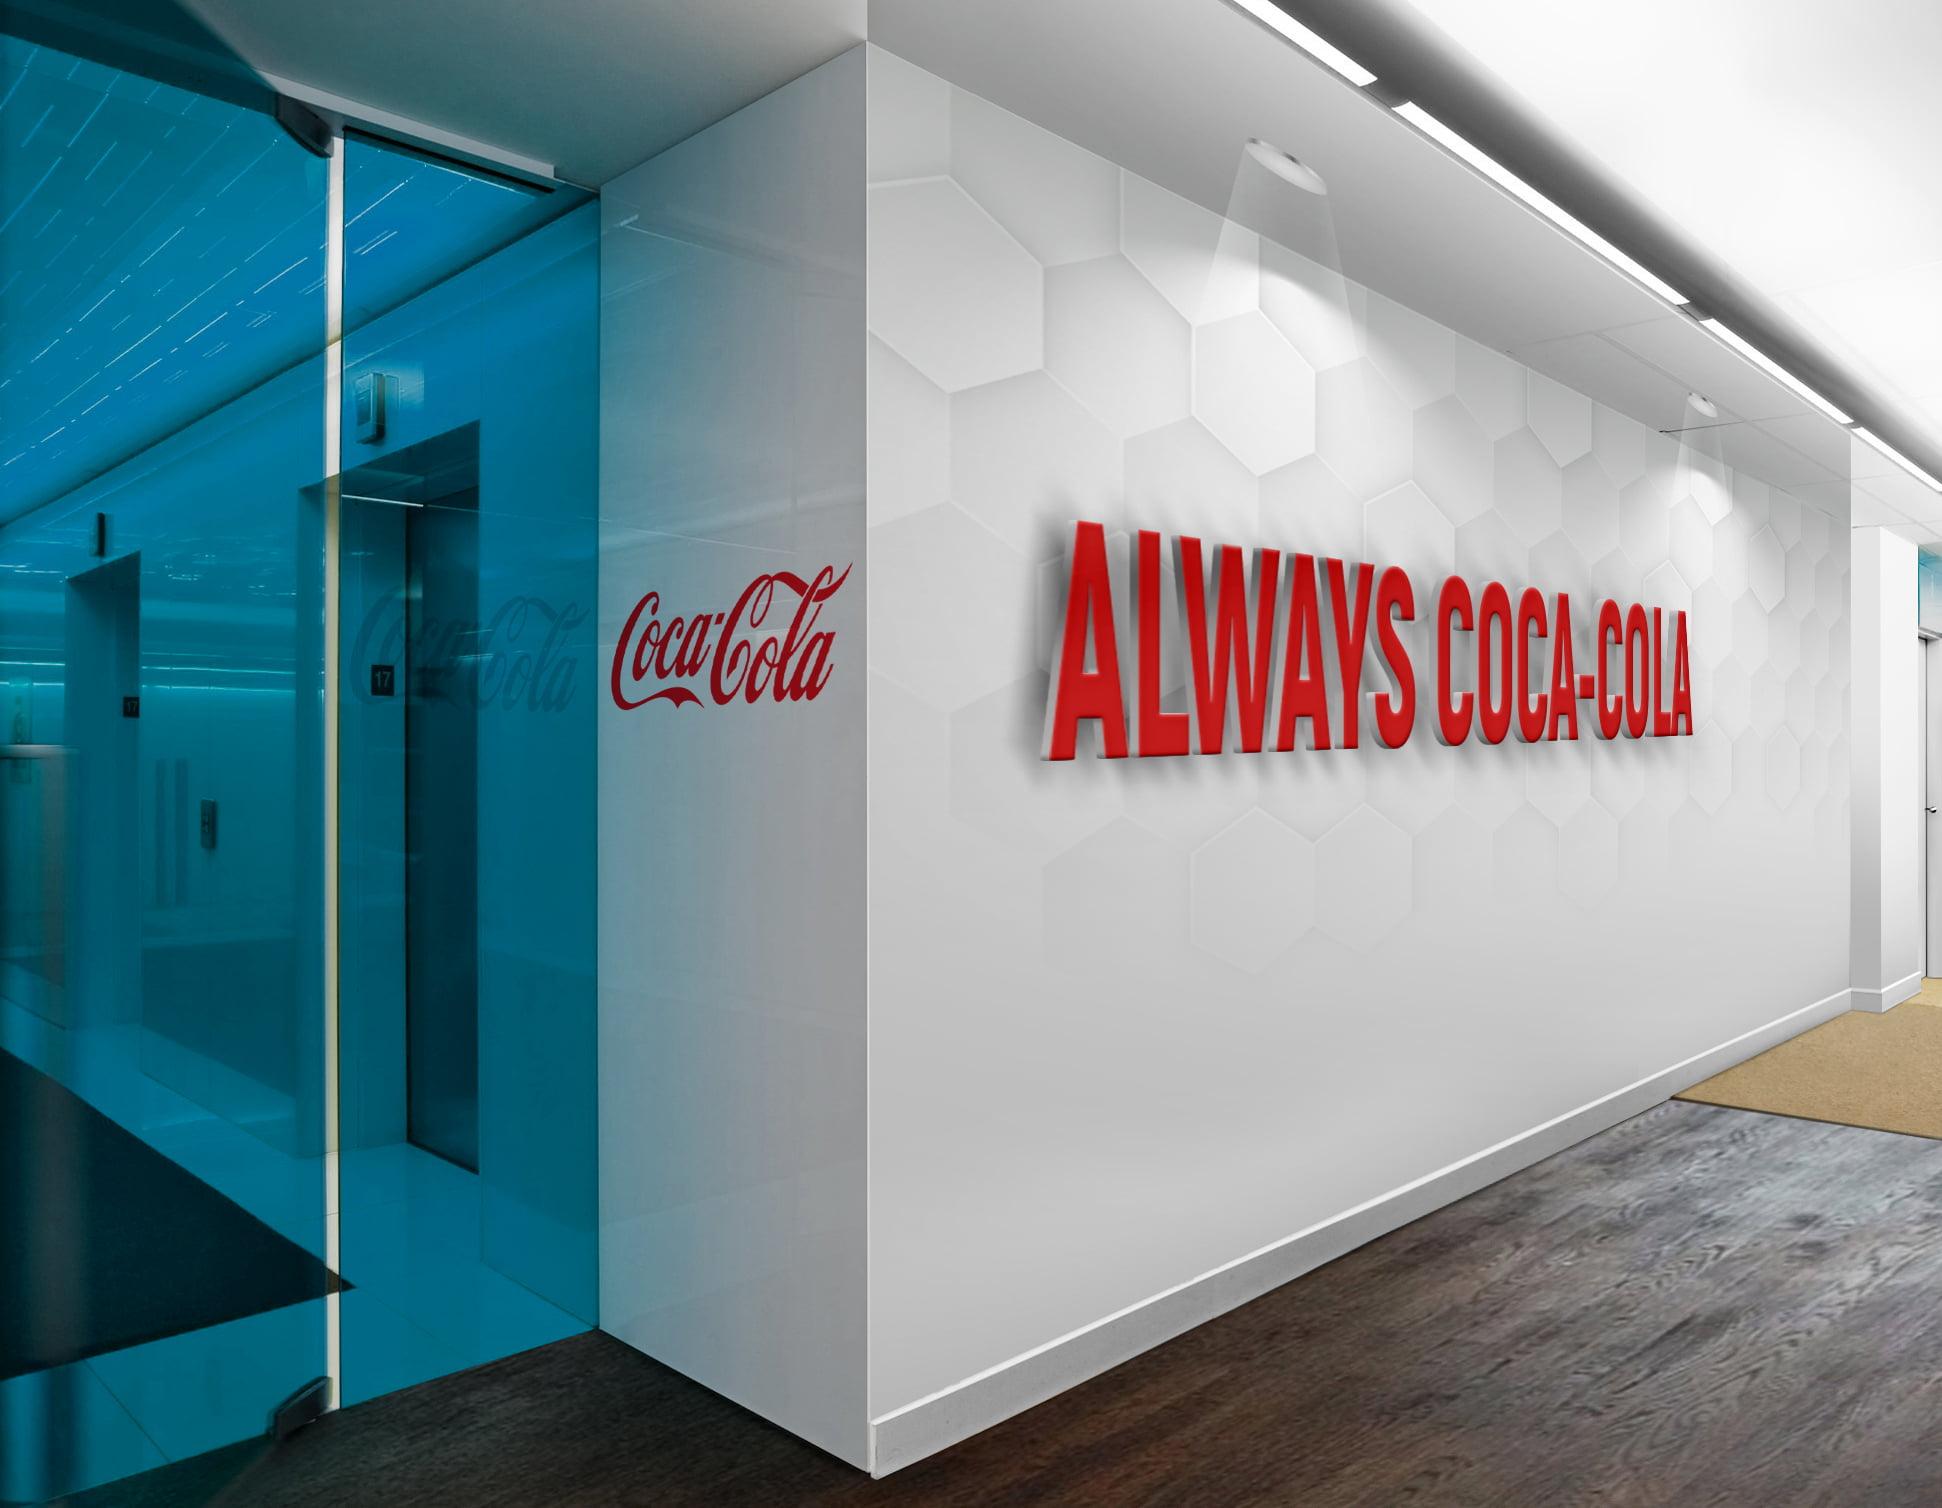 Coca-Cola-3D-Wall-Logo-&-Slogan-Mockup